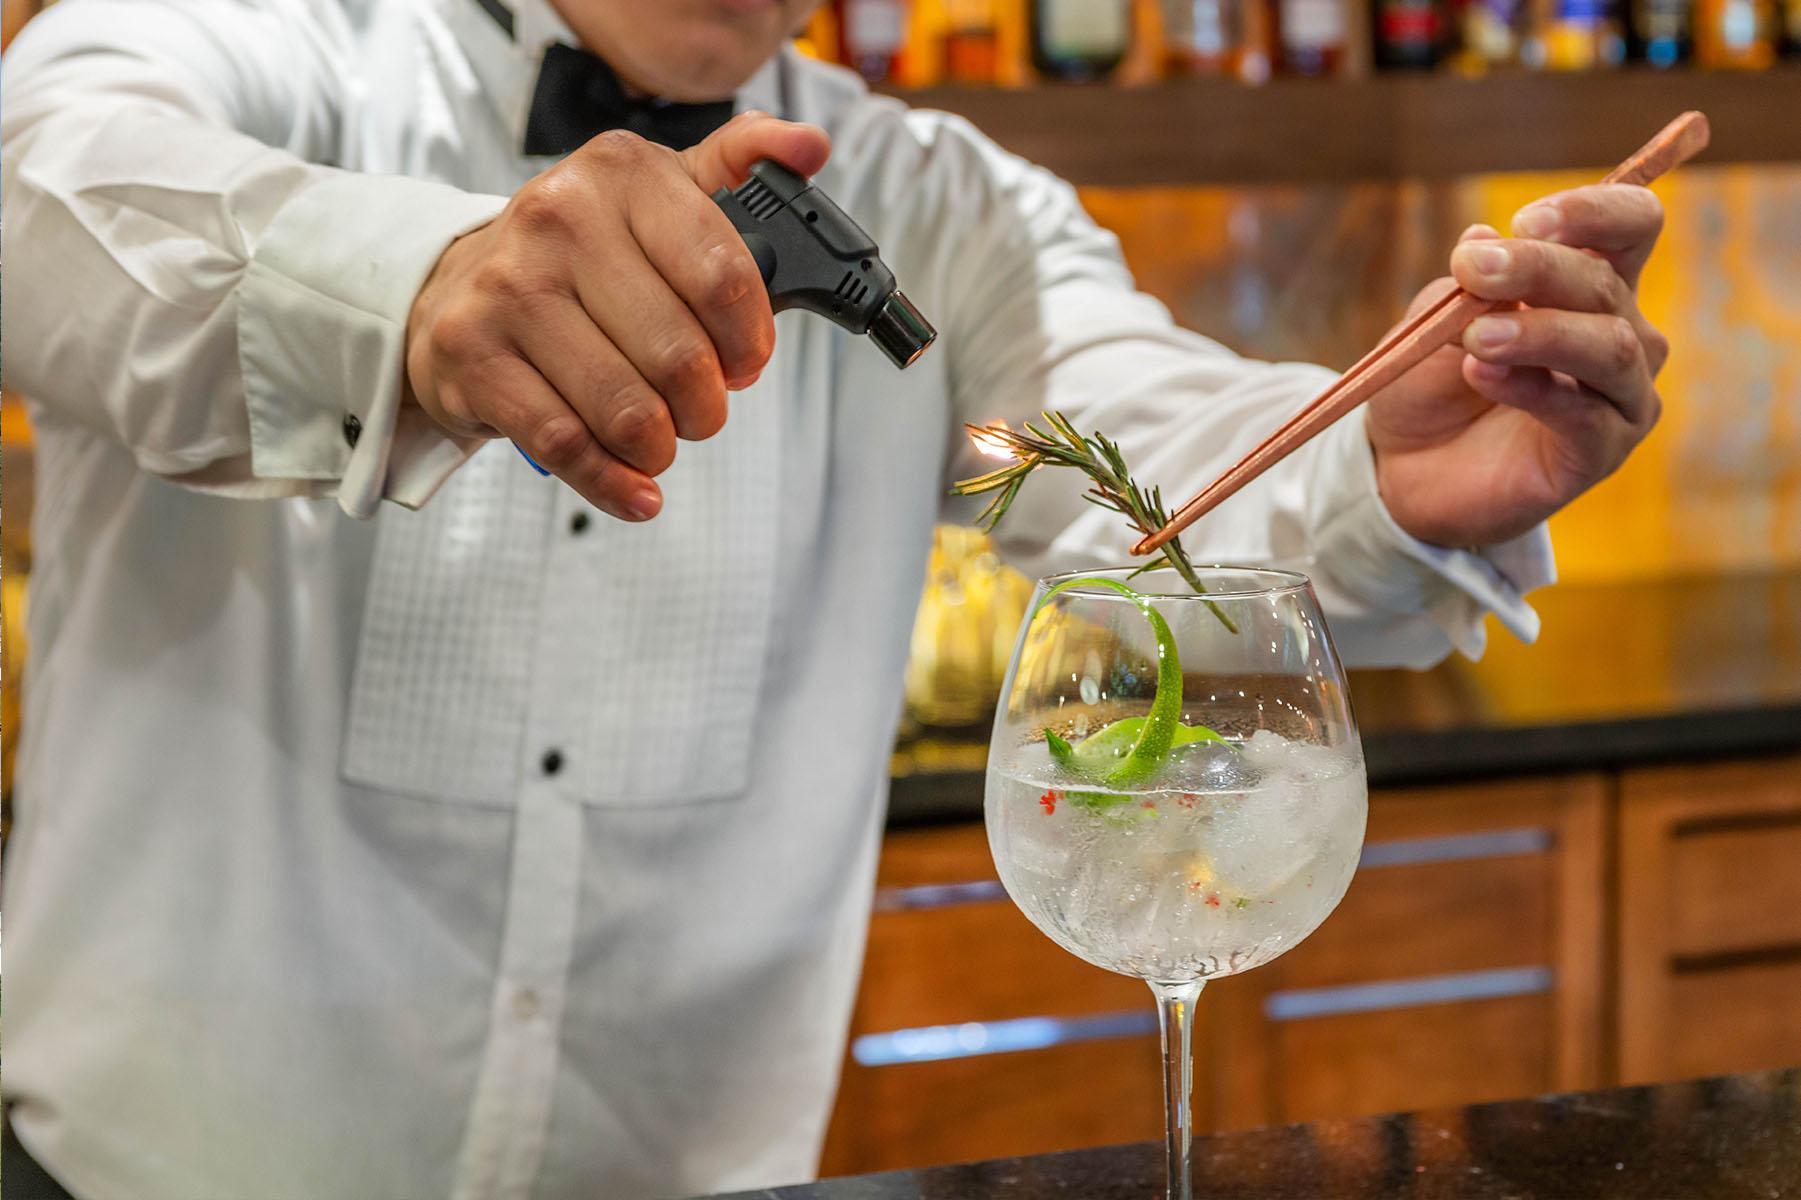 Omni Bar Bartender Lighting Rosemary on Fire to Make Drink